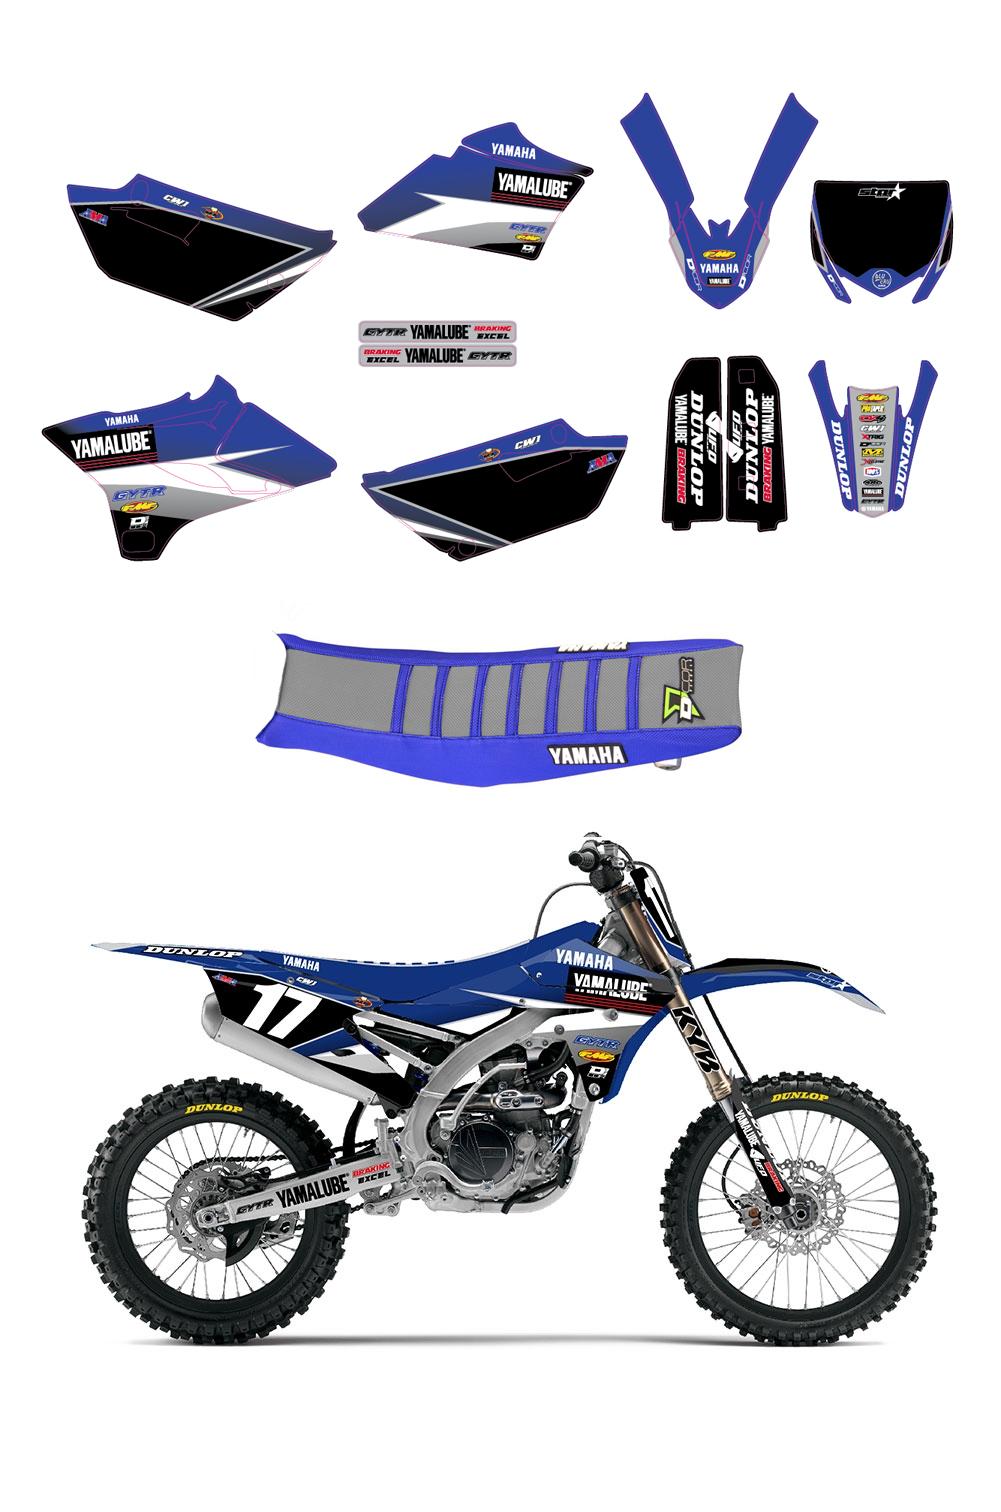 Yamaha clipart yamalube Kit Graphics Star KIT GRAPHICS